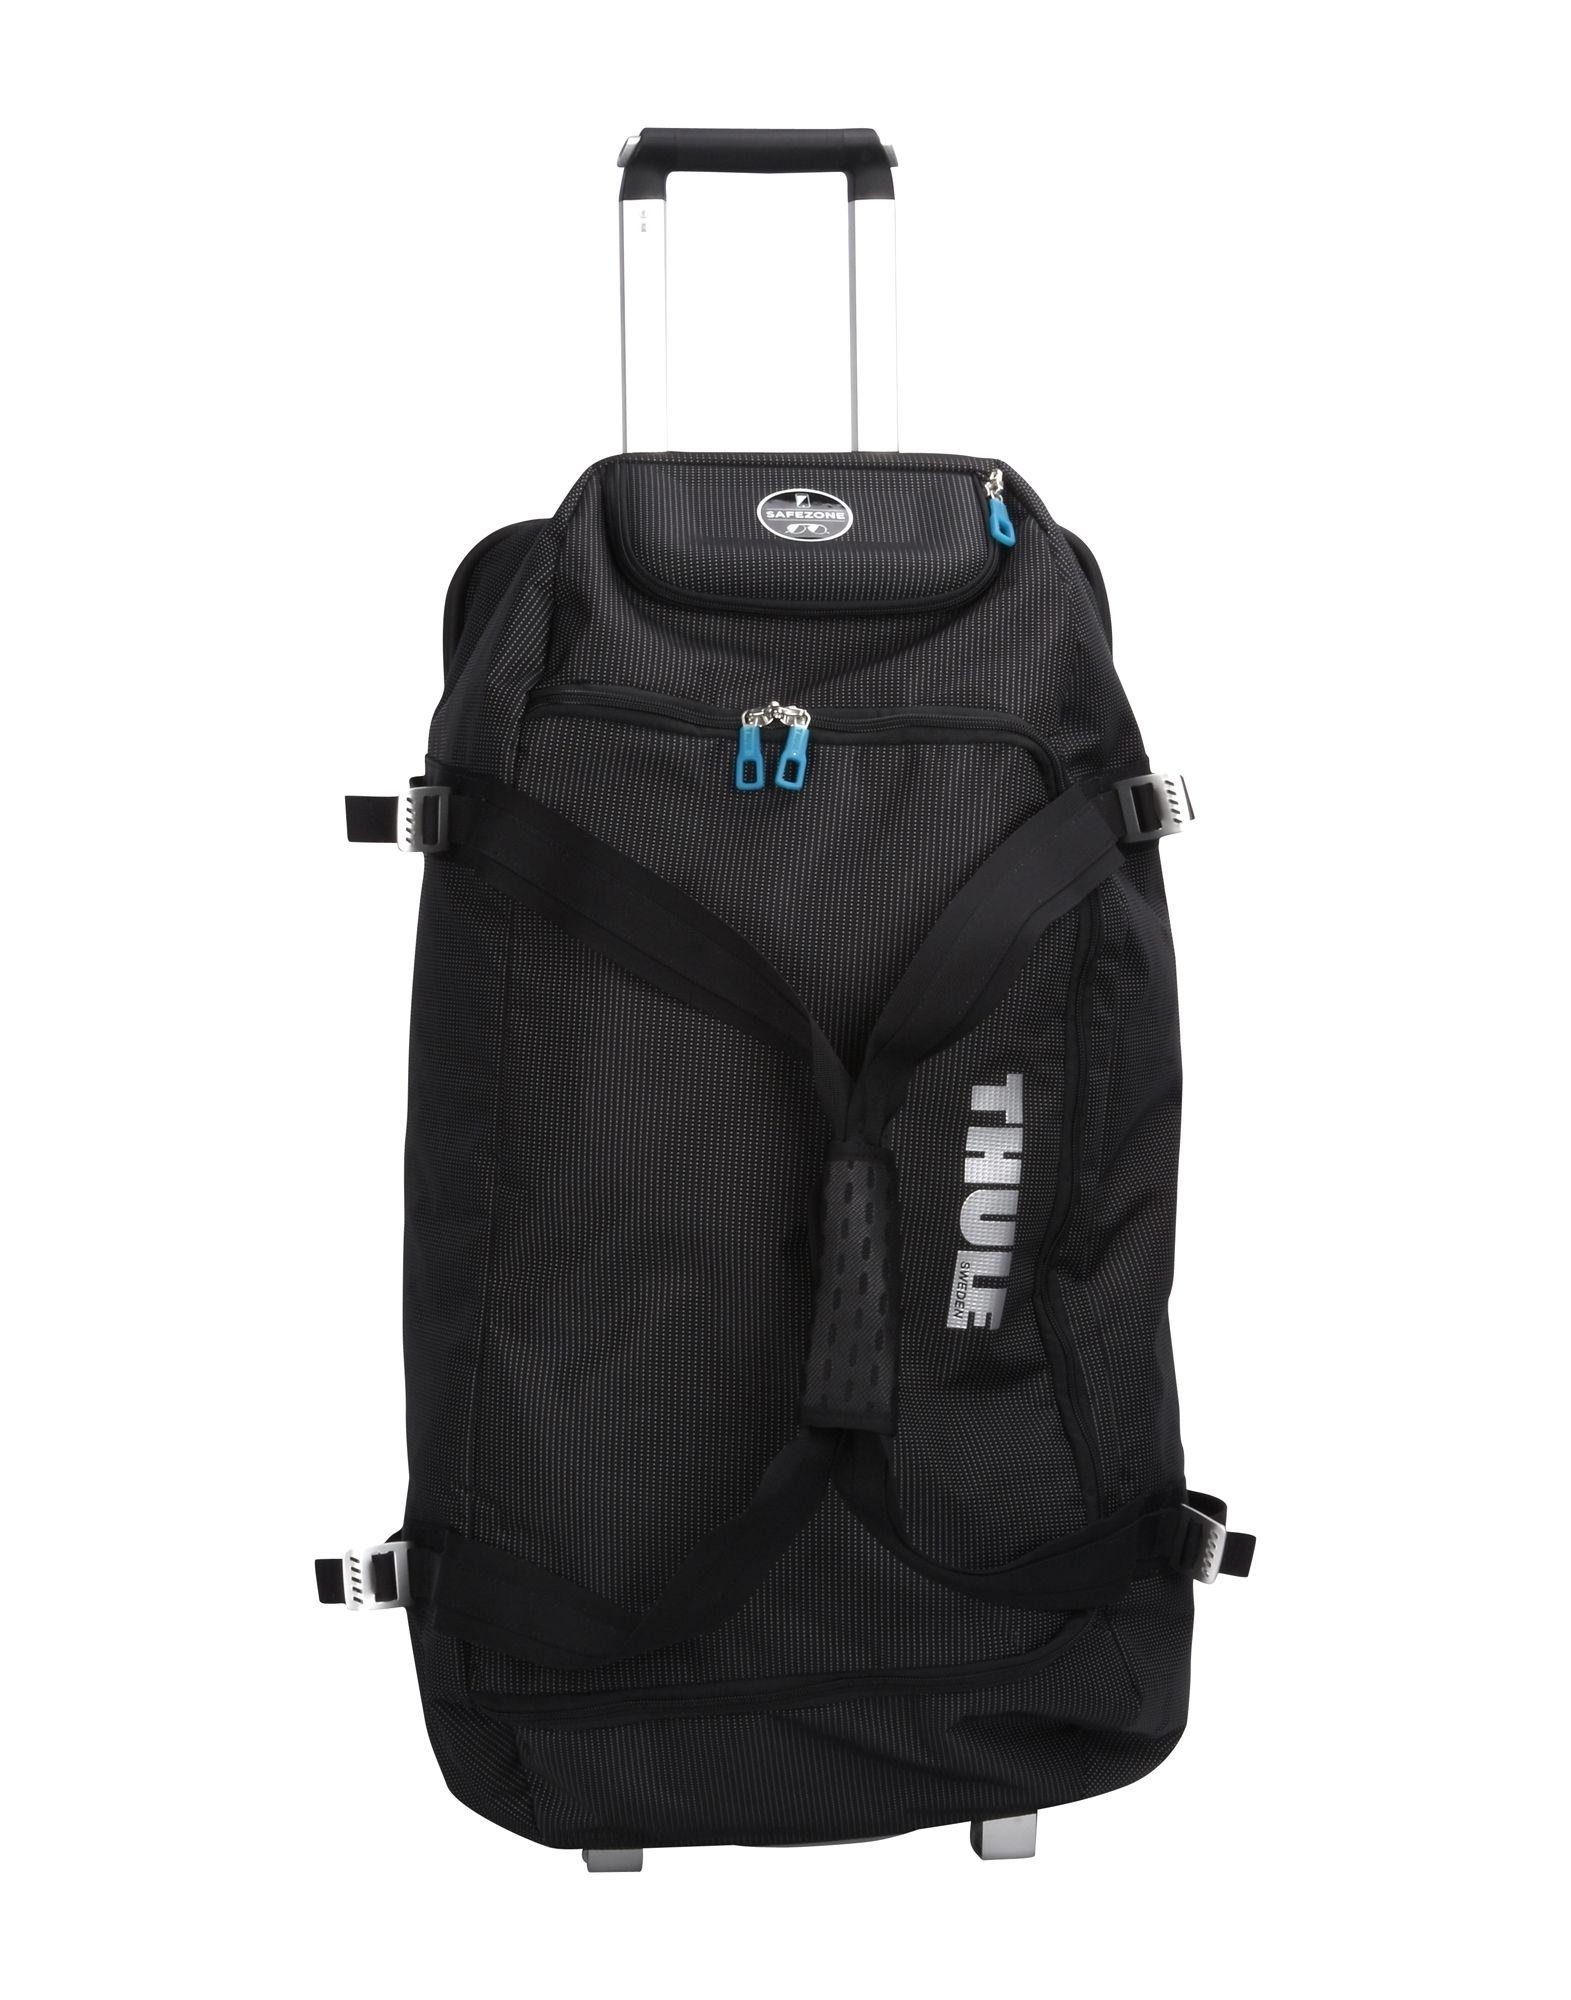 THULE® Чемодан/сумка на колесиках чемодан на колесиках trunki чемодан на колесиках